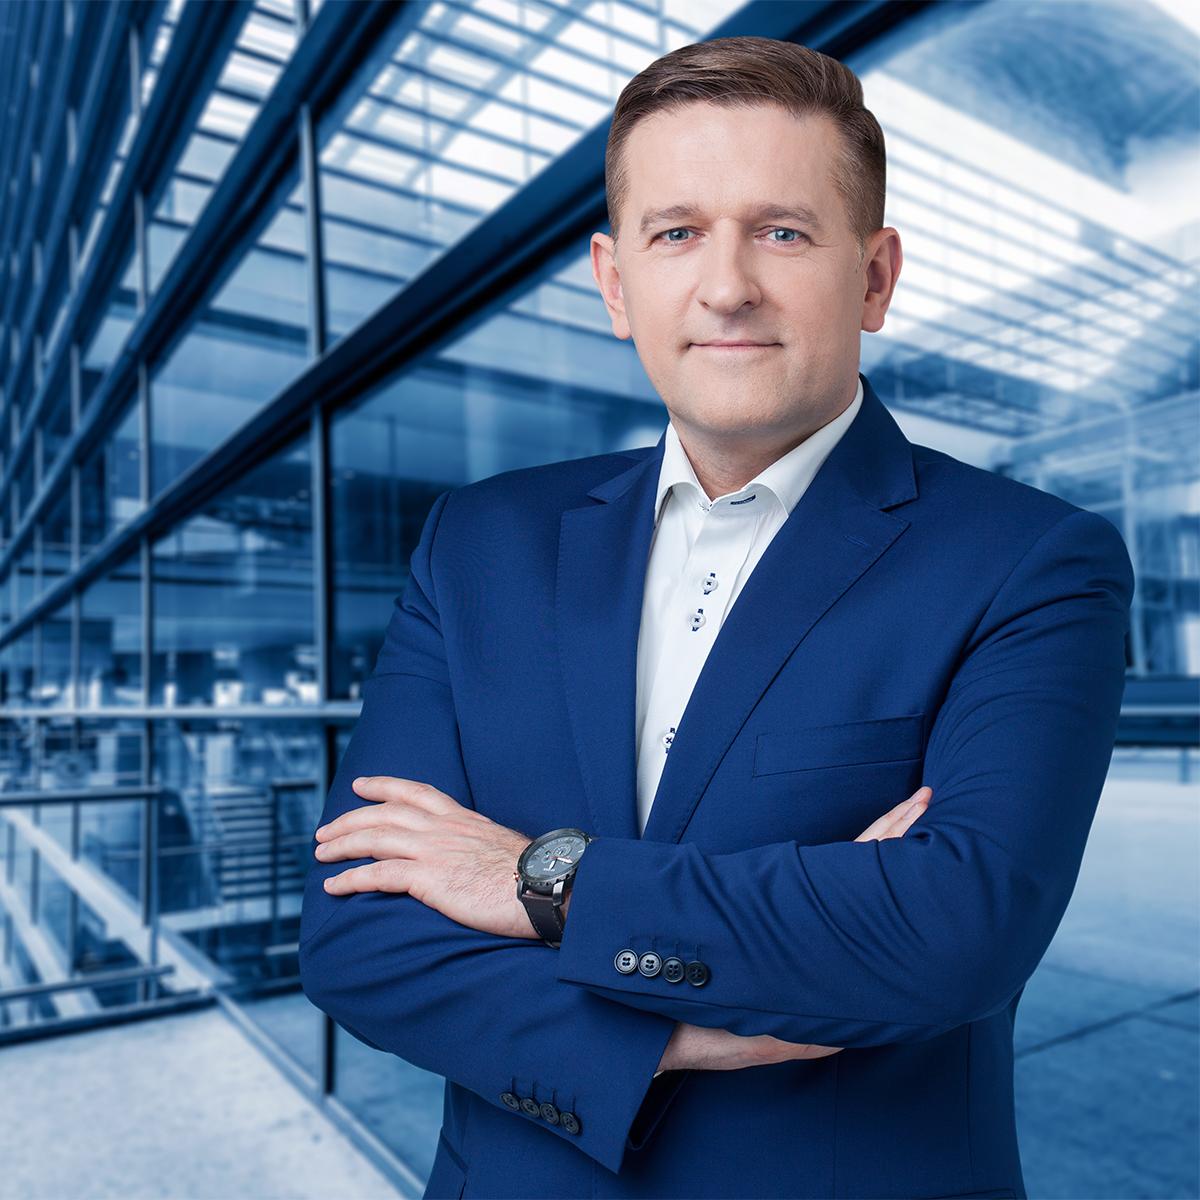 Nowy szef działu IT & Mobile w Samsungu